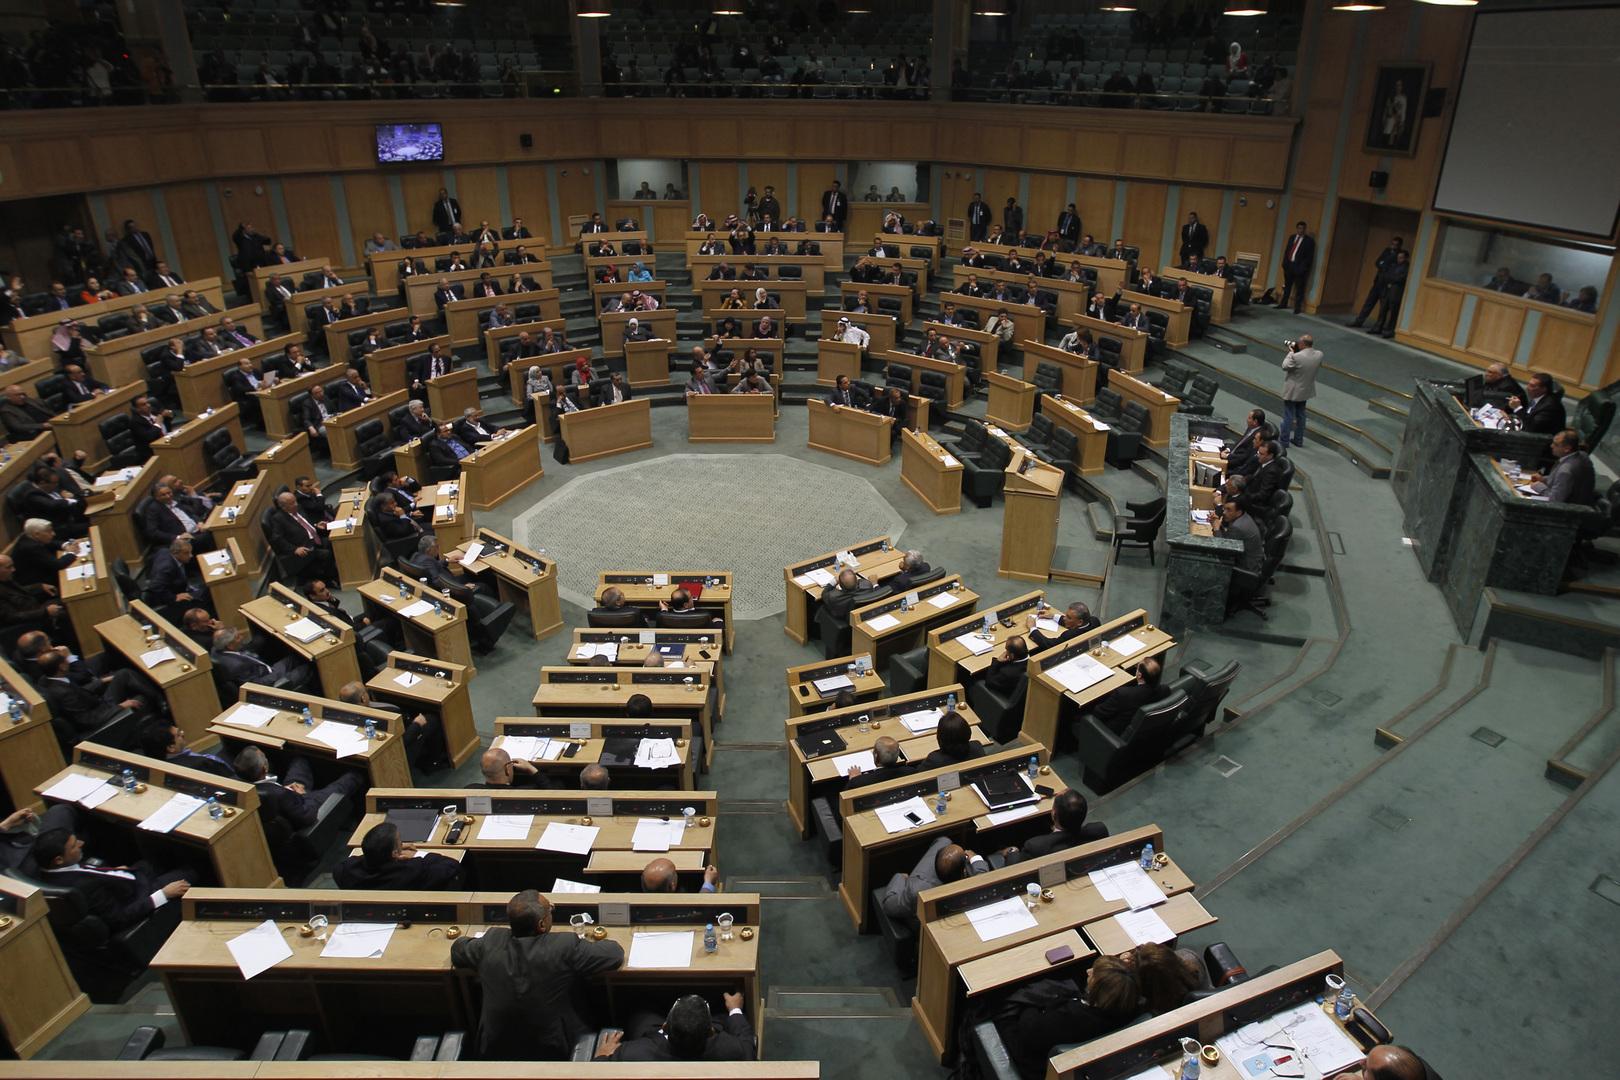 نائب أردني يمنع رئيس الوزراء من الجلوس في مقعده تحت قبة البرلمان